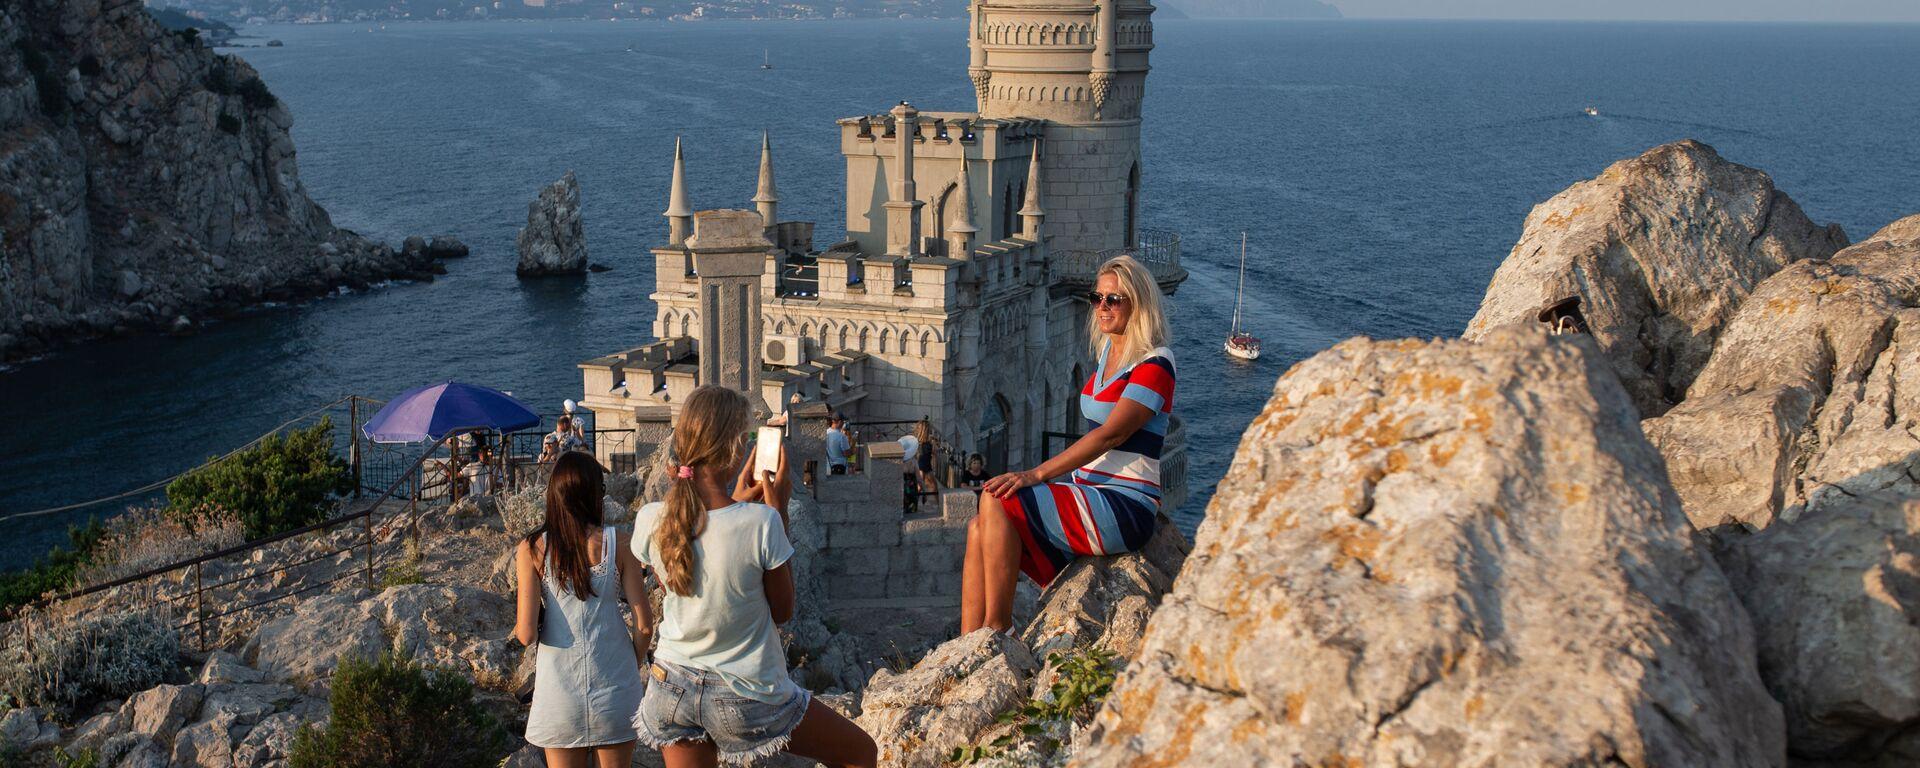 Отдыхающие фотографируются возле замка Ласточкино гнездо на береговой скале в поселке Гаспра в Крыму - Sputnik Mundo, 1920, 08.09.2021